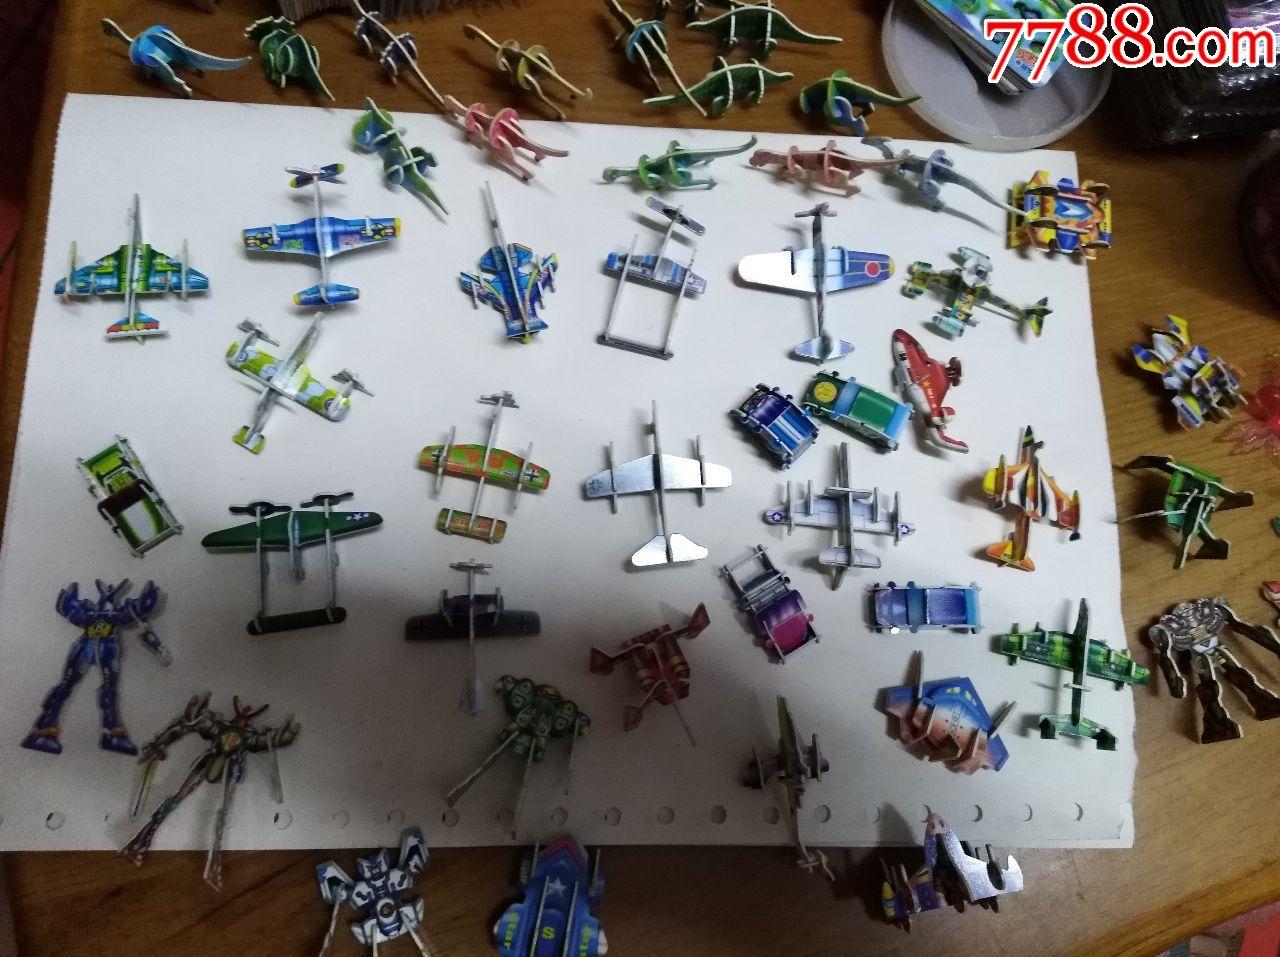 小灵龙积木卡叠成的小车玩具,玩具,飞机,变形金刚等一拼装恐龙作文500字图片